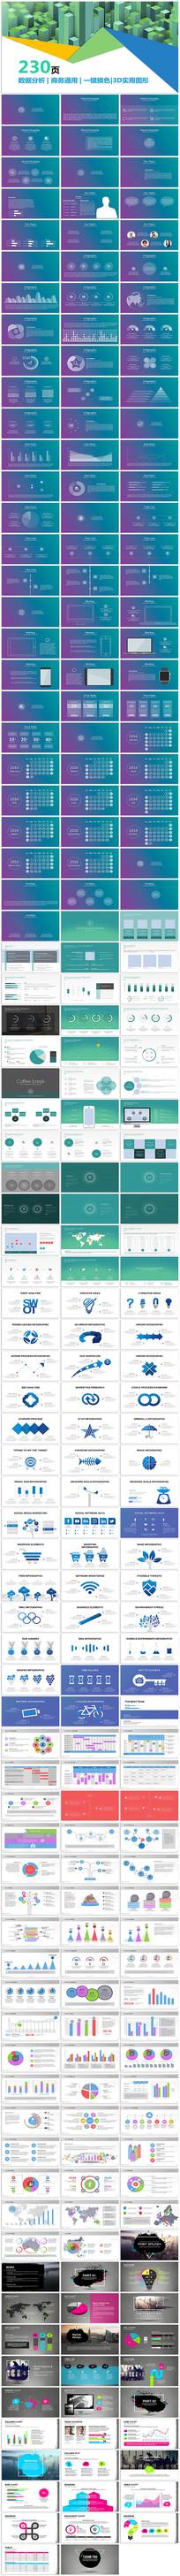 欧美高端商务数据图表图形